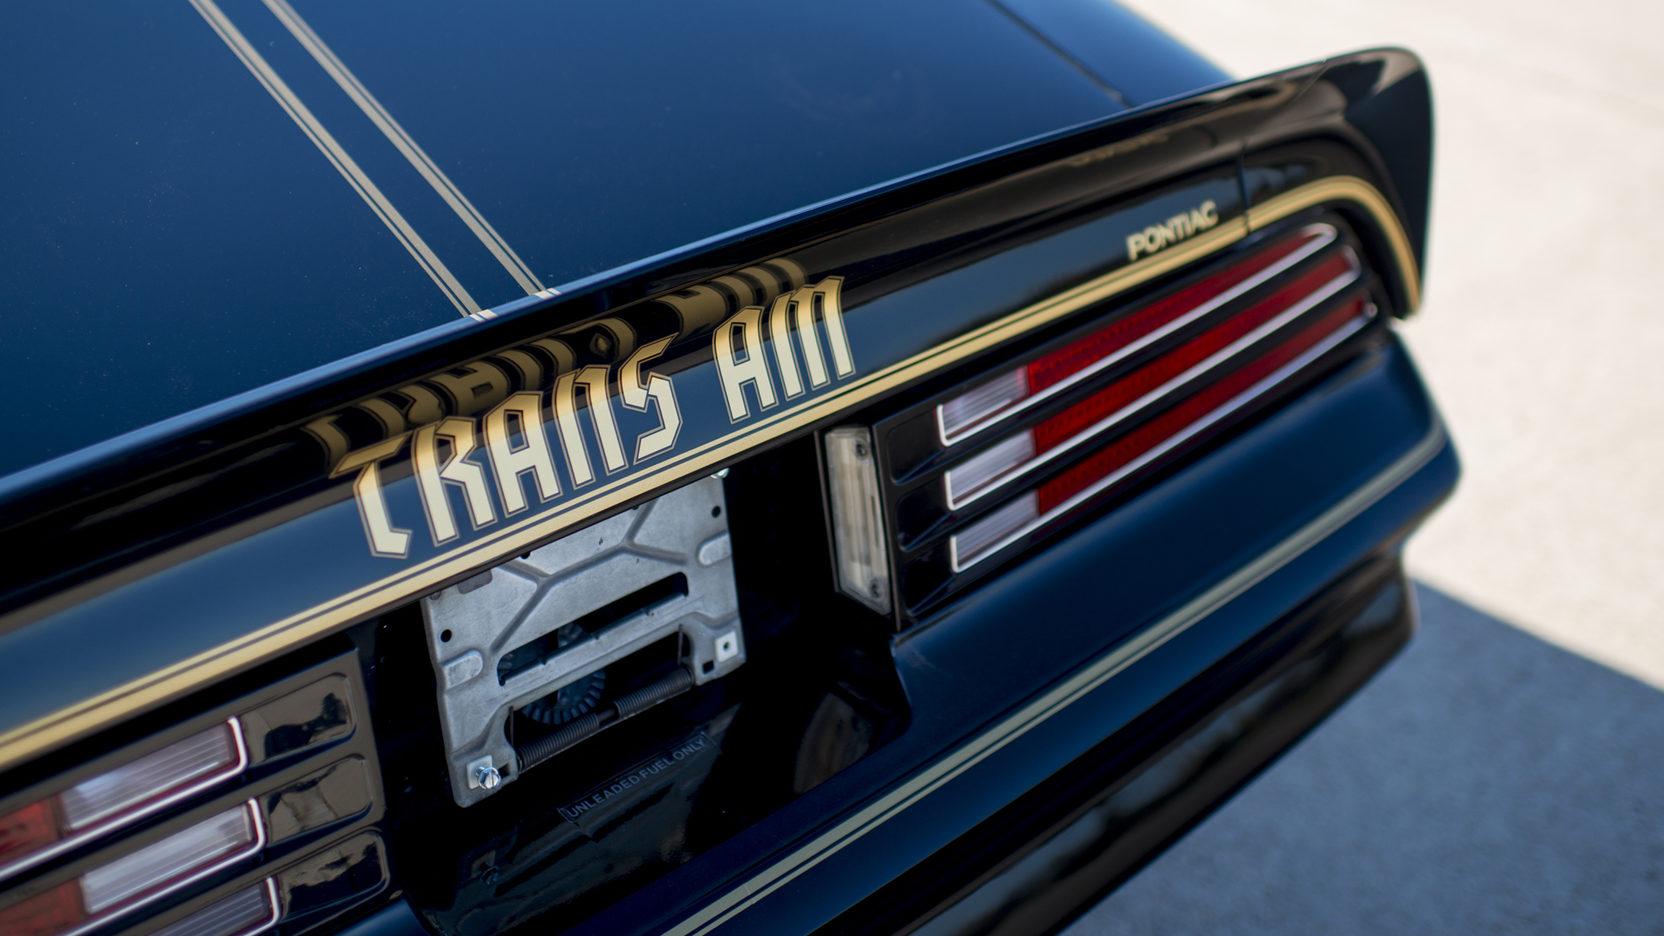 1976 Pontiac Firebird Trans Am rear deck spoiler detail